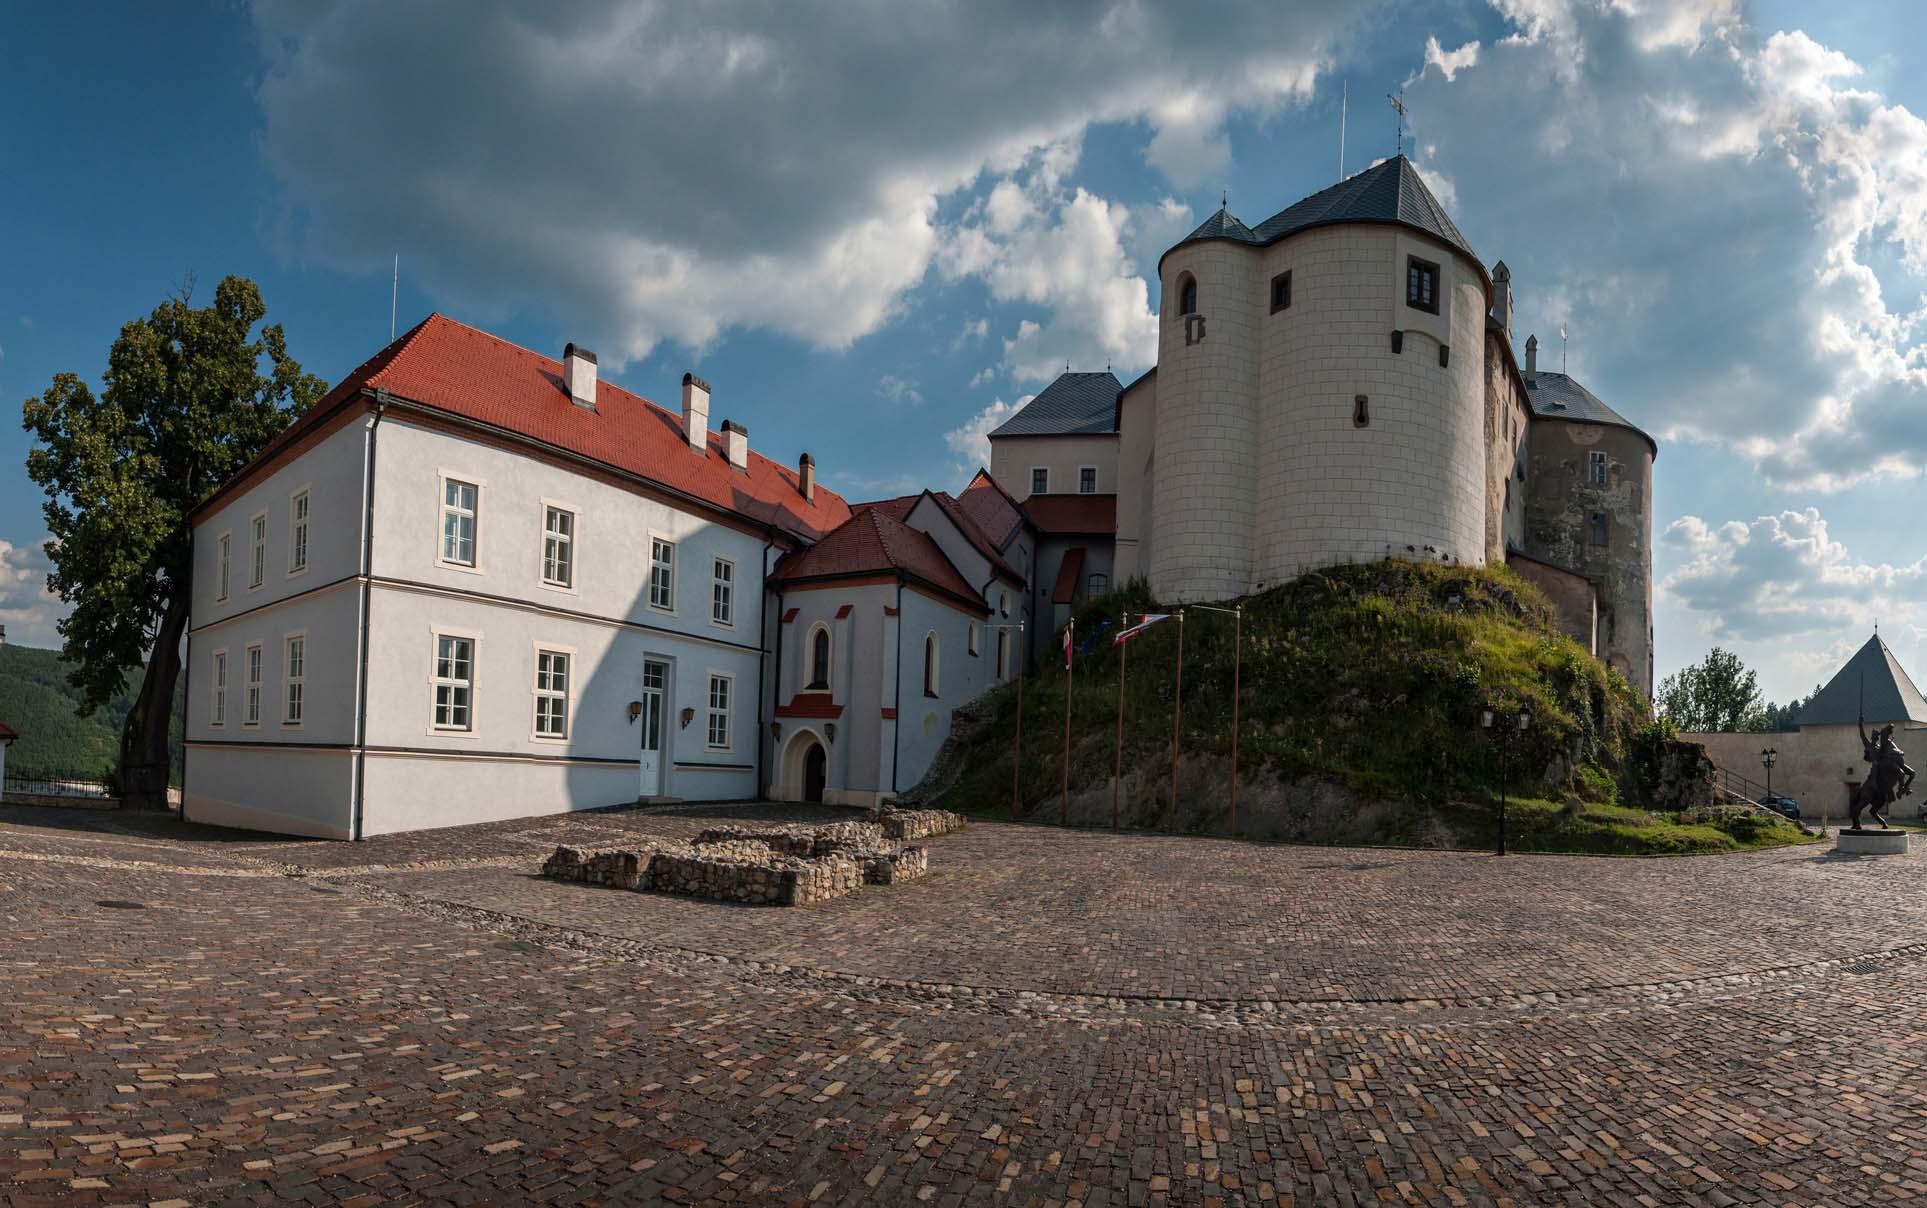 Zdroj: hradlupca.sk